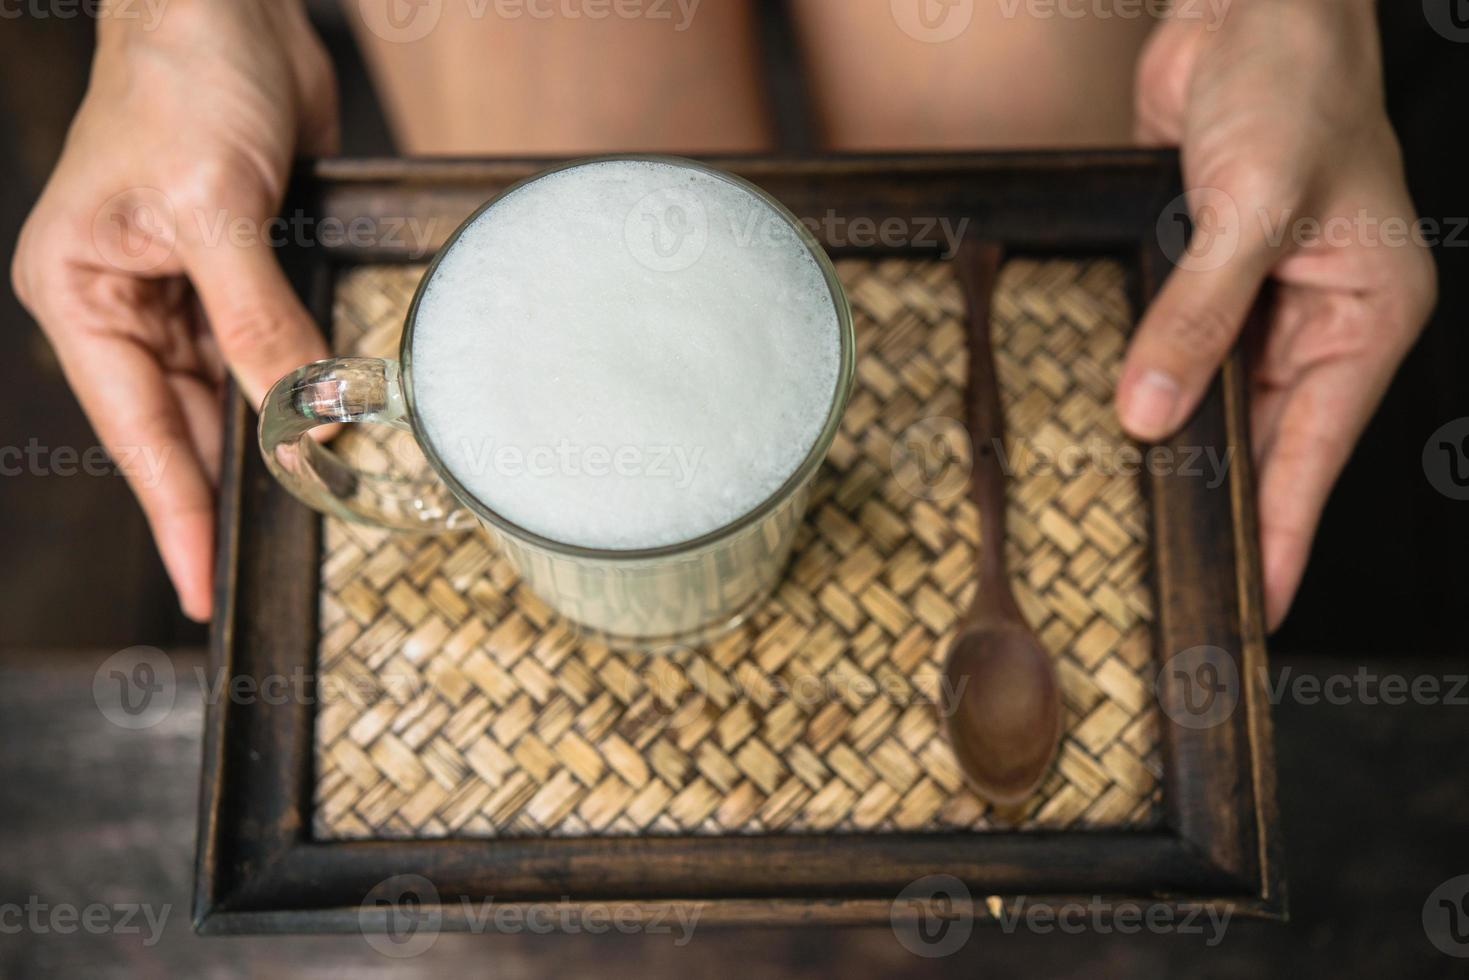 vrouw met een glas warme melk ontspannen foto